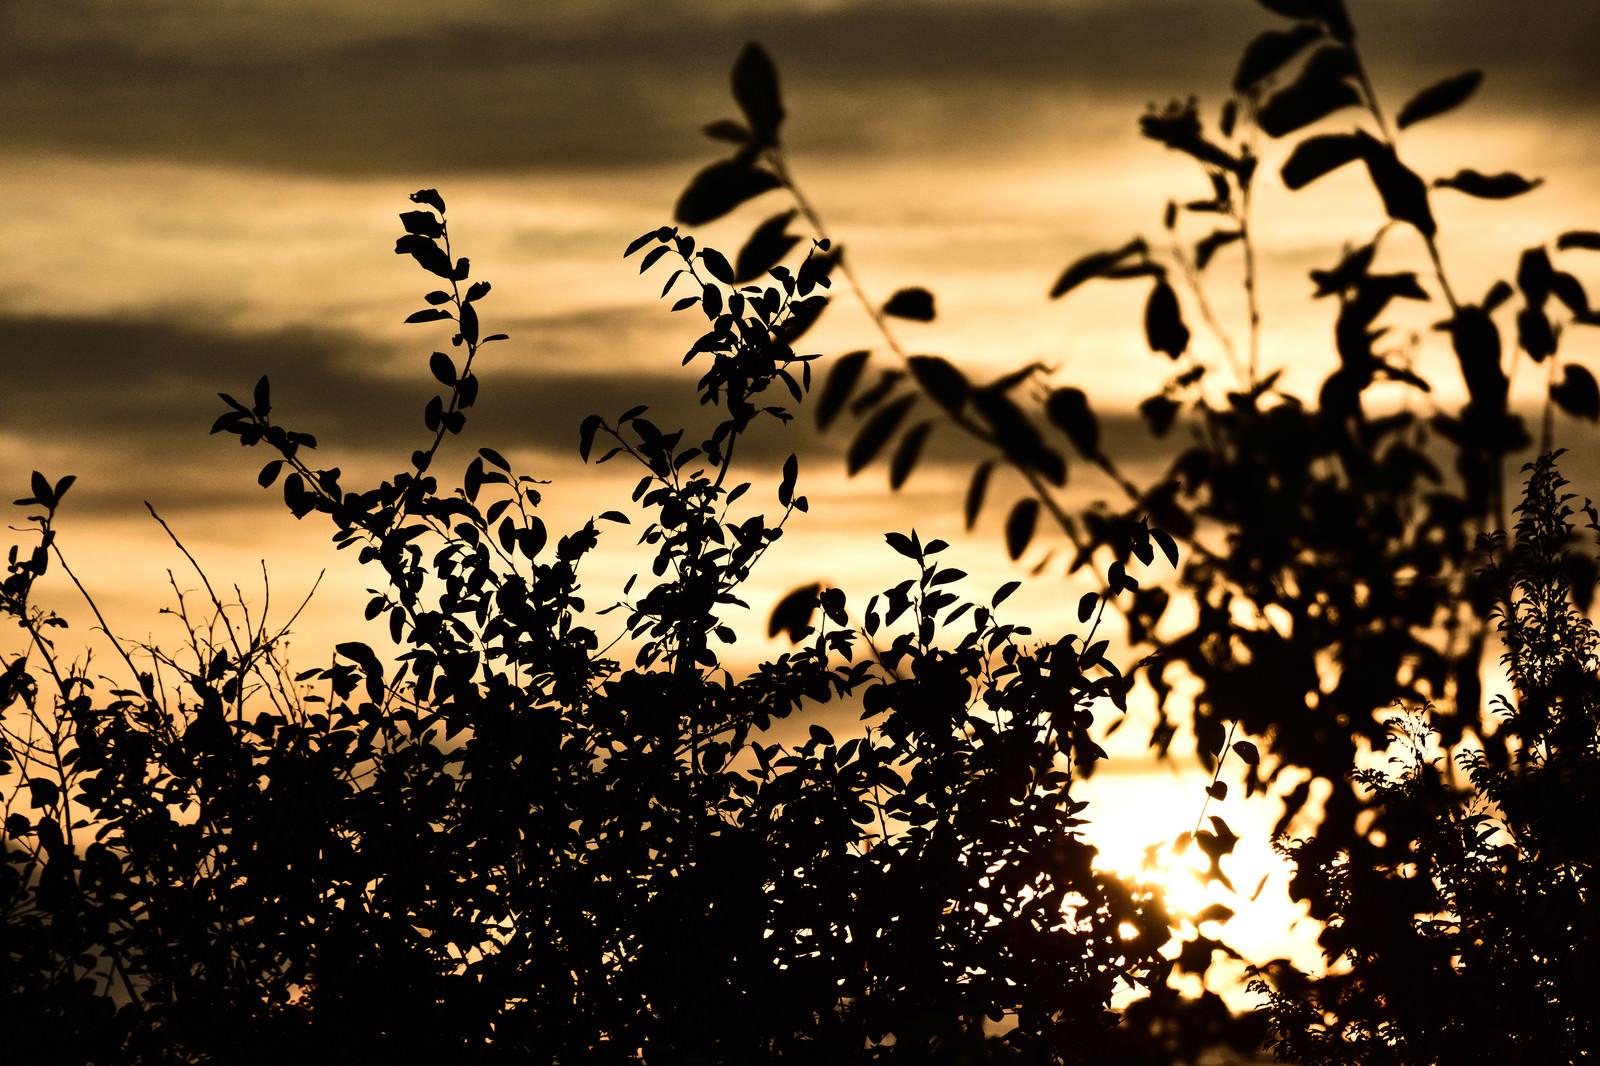 「黄金色に染まる夕日と木々のシルエット」の写真